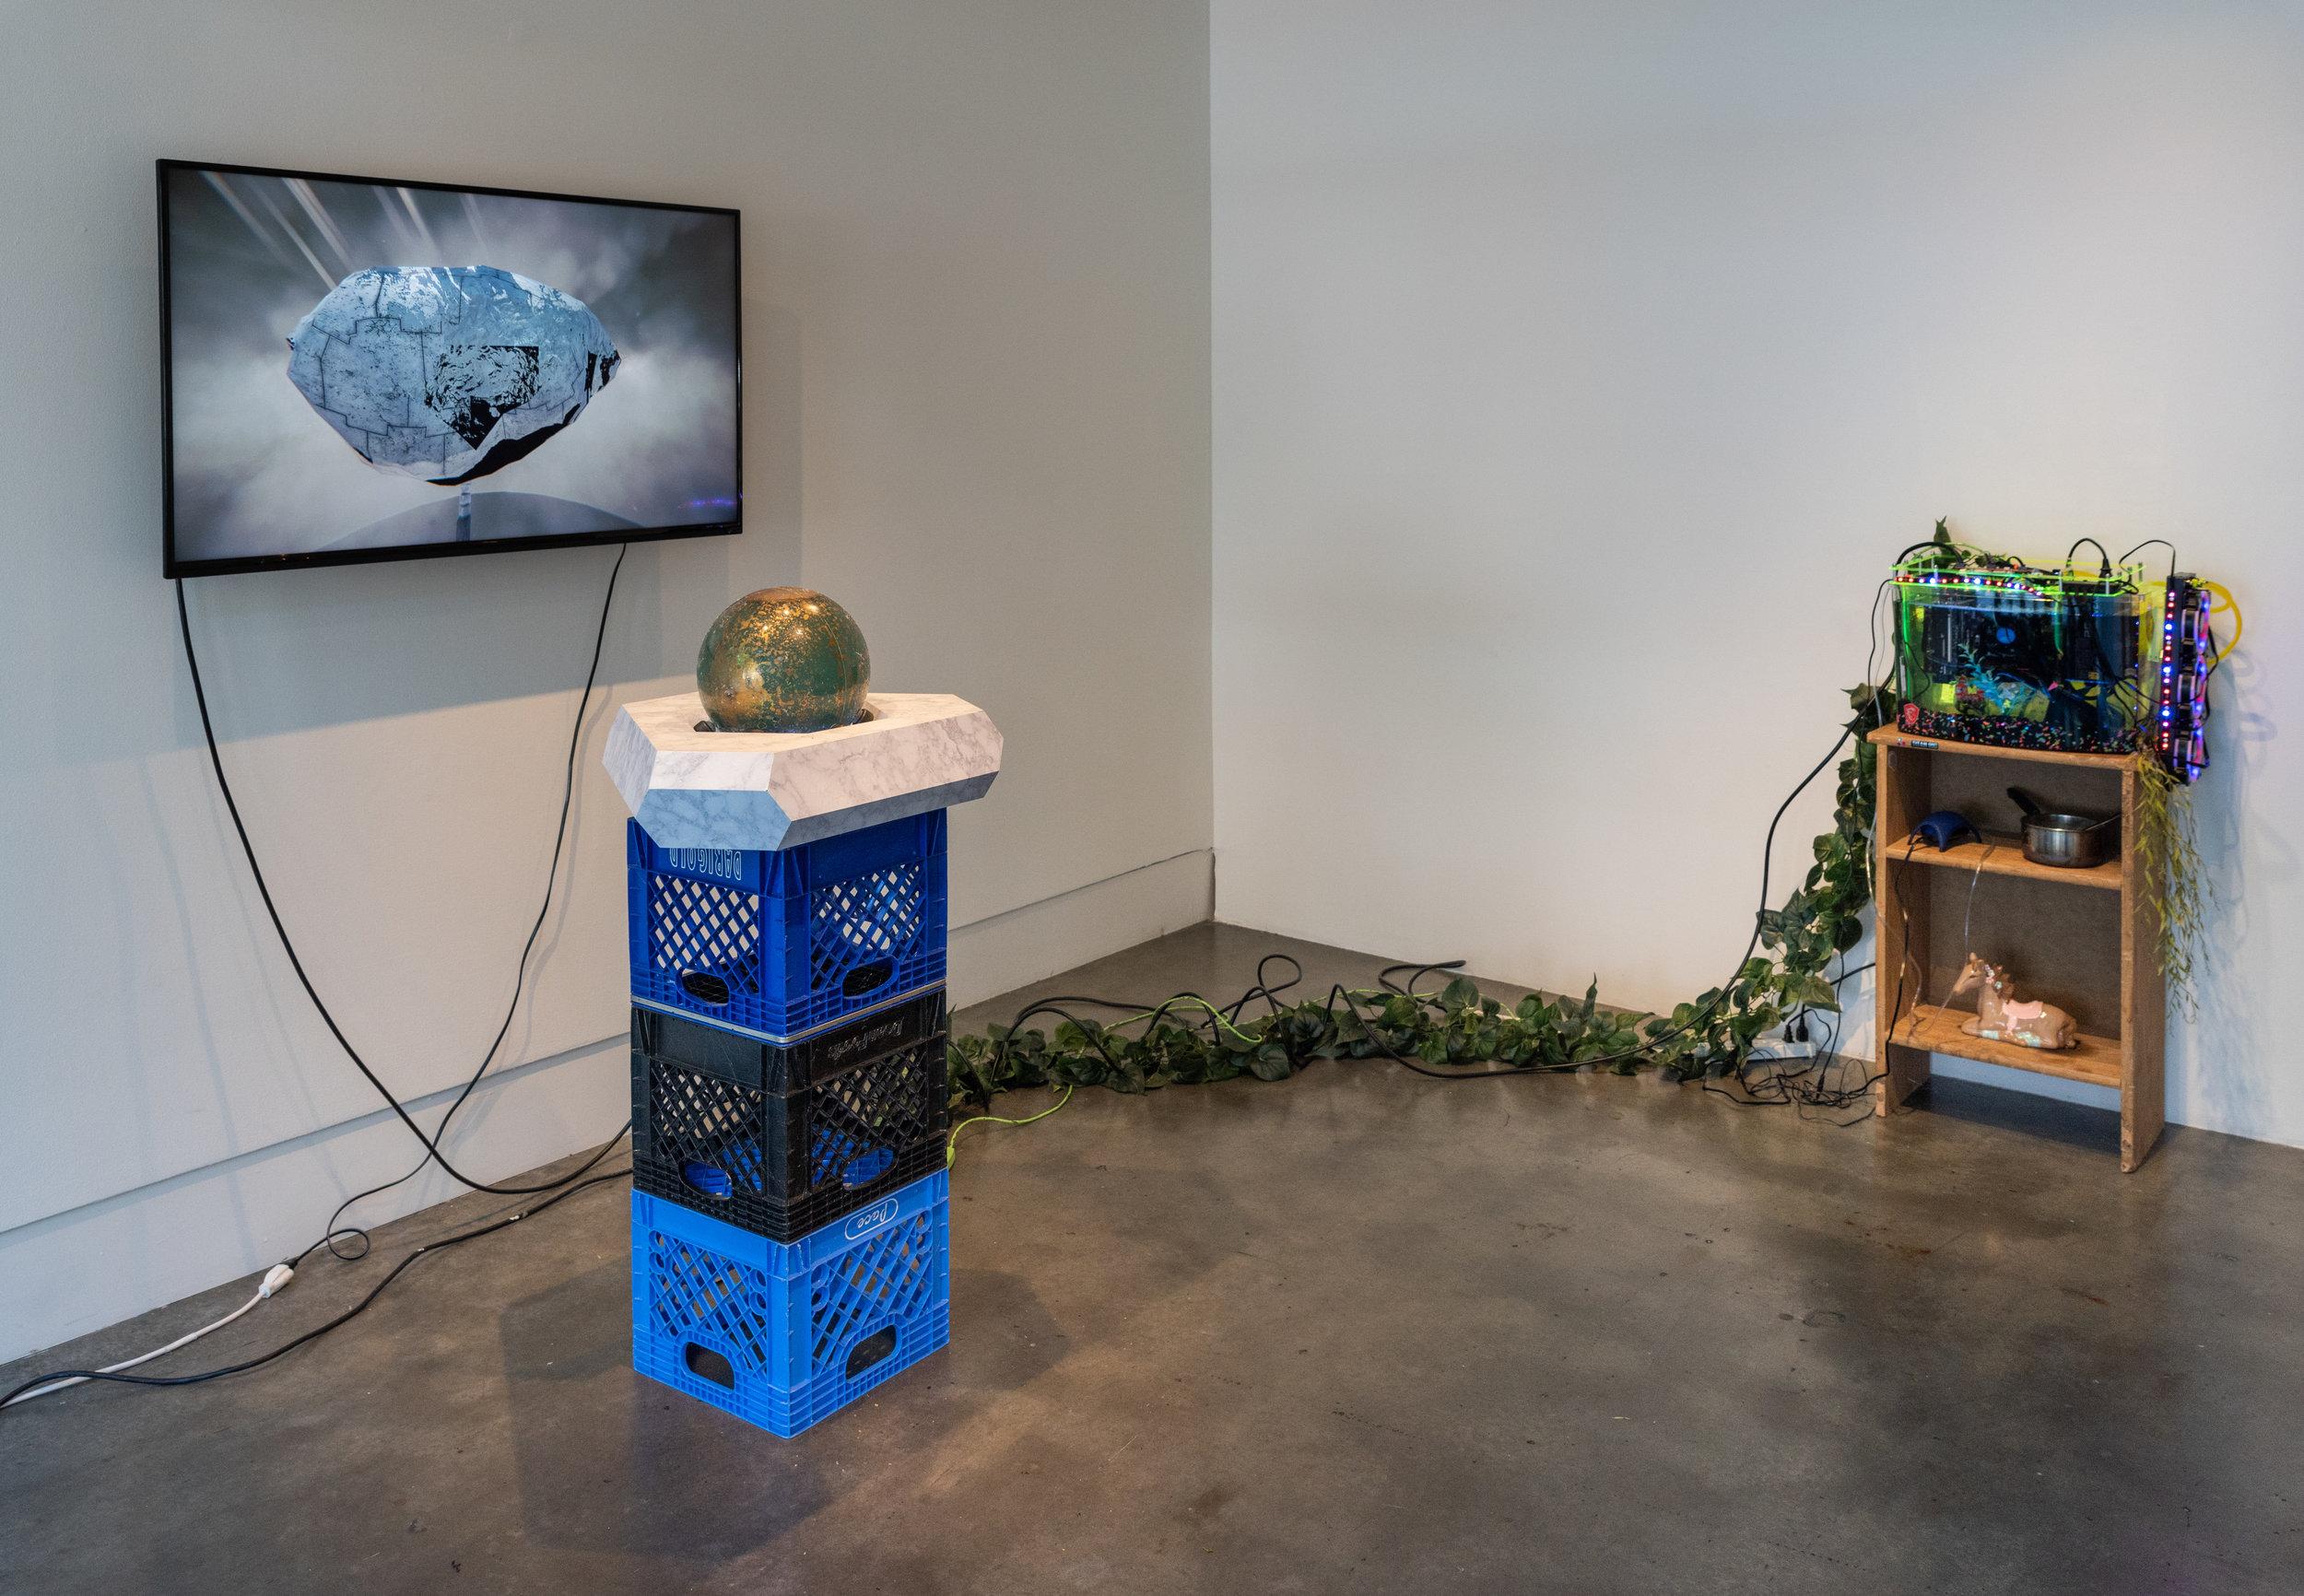 Tabitha Nikolai,  Utopia Without You  (2018). Photo: Mario Gallucci, courtesy of Williamson | Knight, Portland, OR